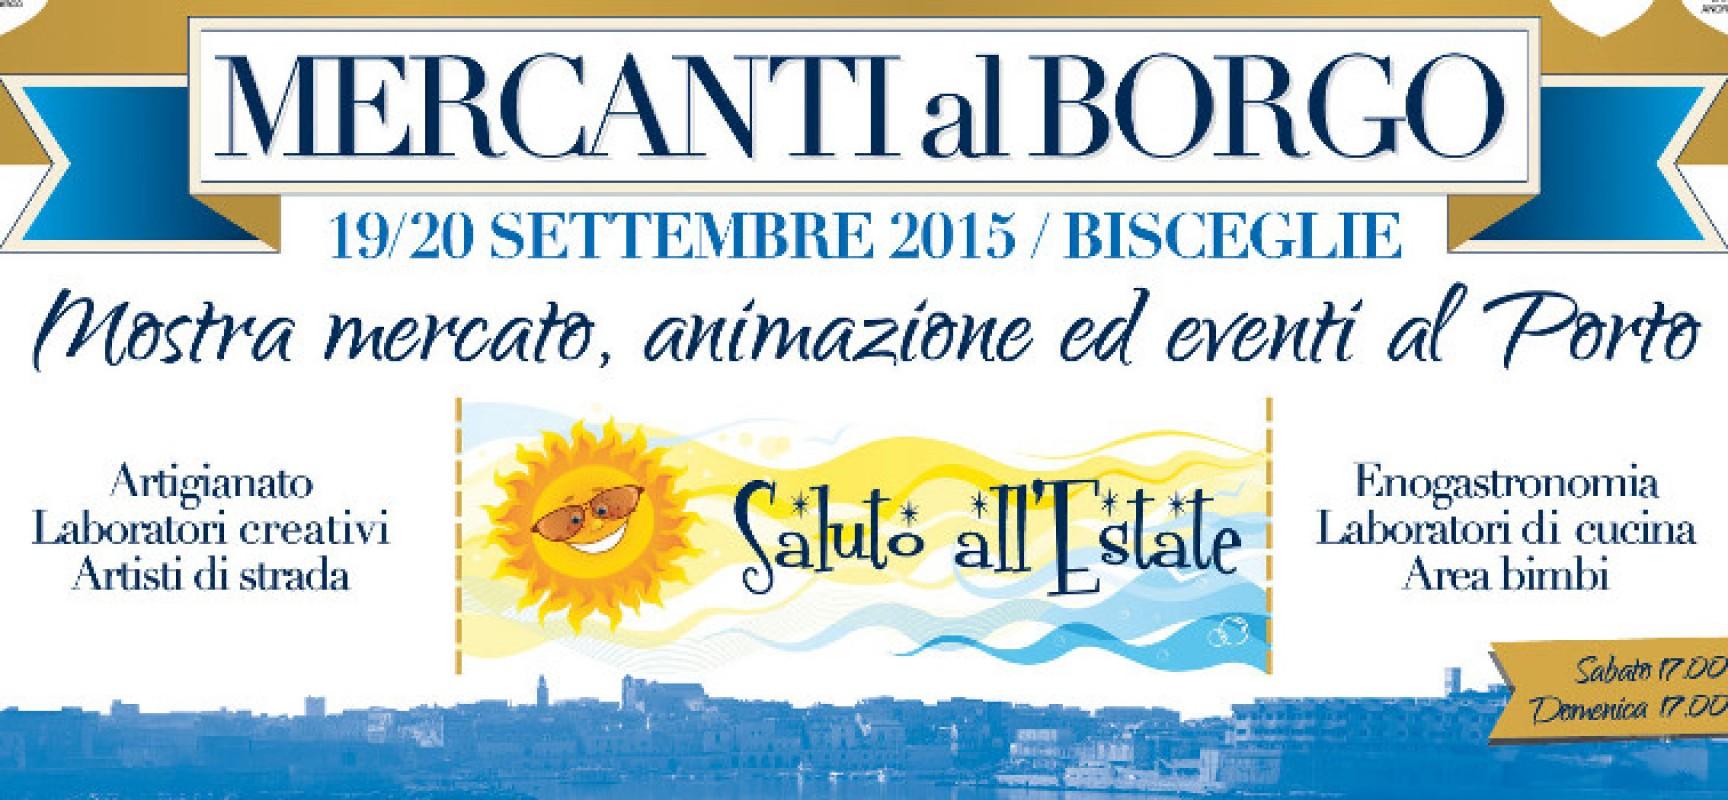 Mercanti al Borgo: arte, gastronomia e artigianato nelle serate conclusive